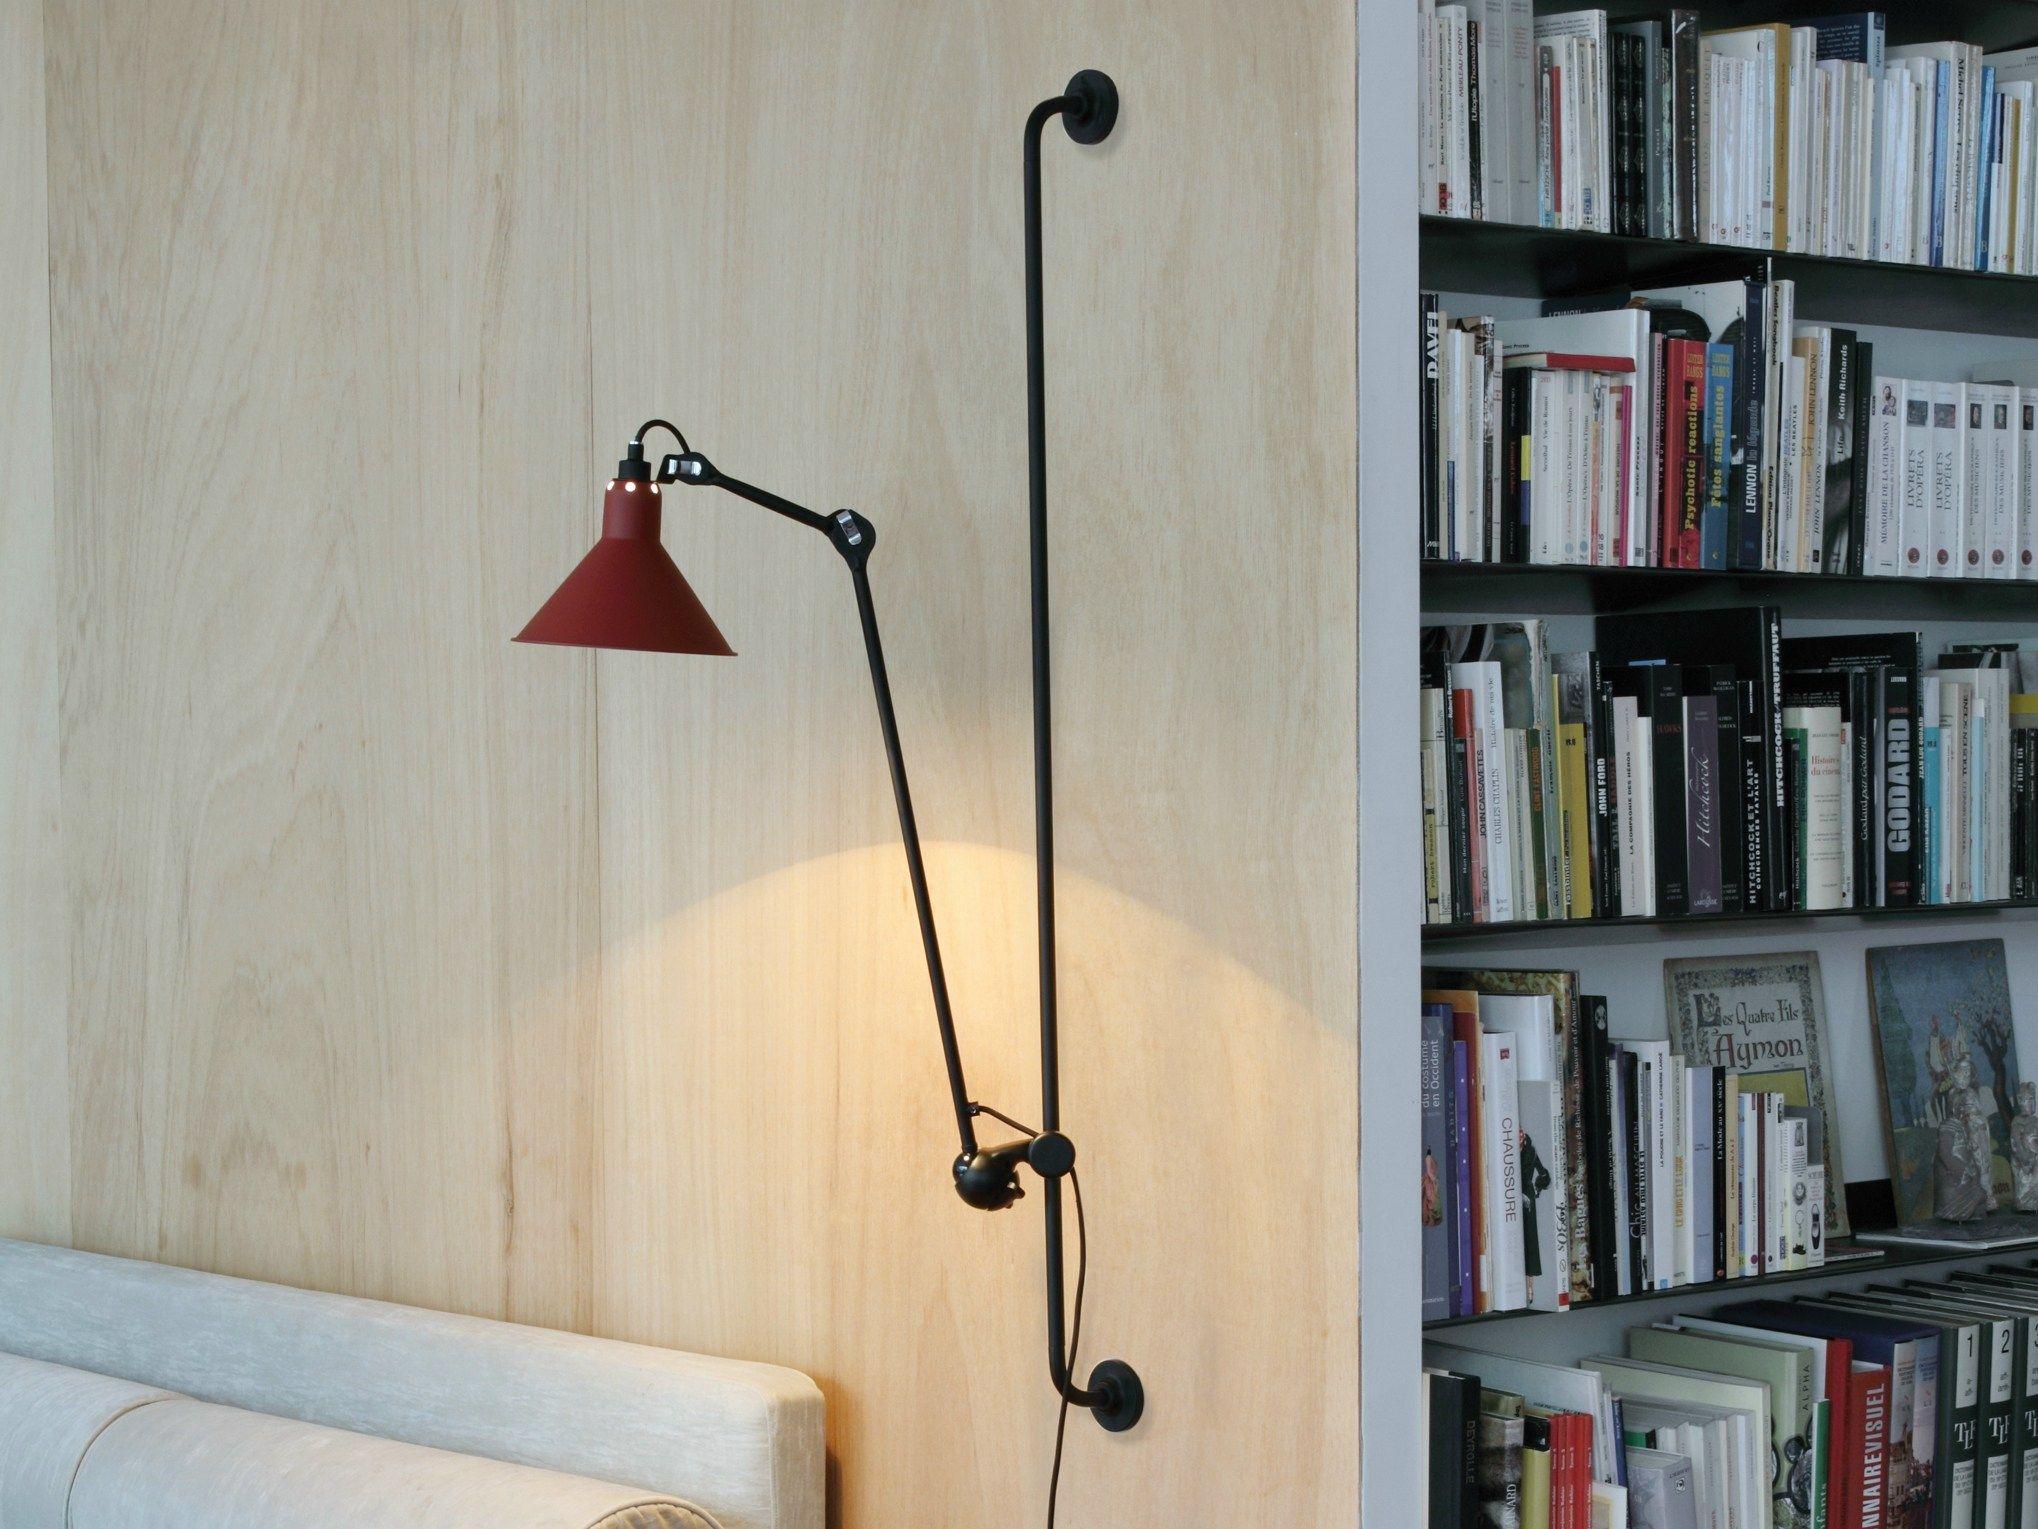 臥房區床頭壁燈 參考 Swivel Adjustable Wall Lamp With Swing Arm N° 214 Lampe GRAS  Collection By DCW éditions